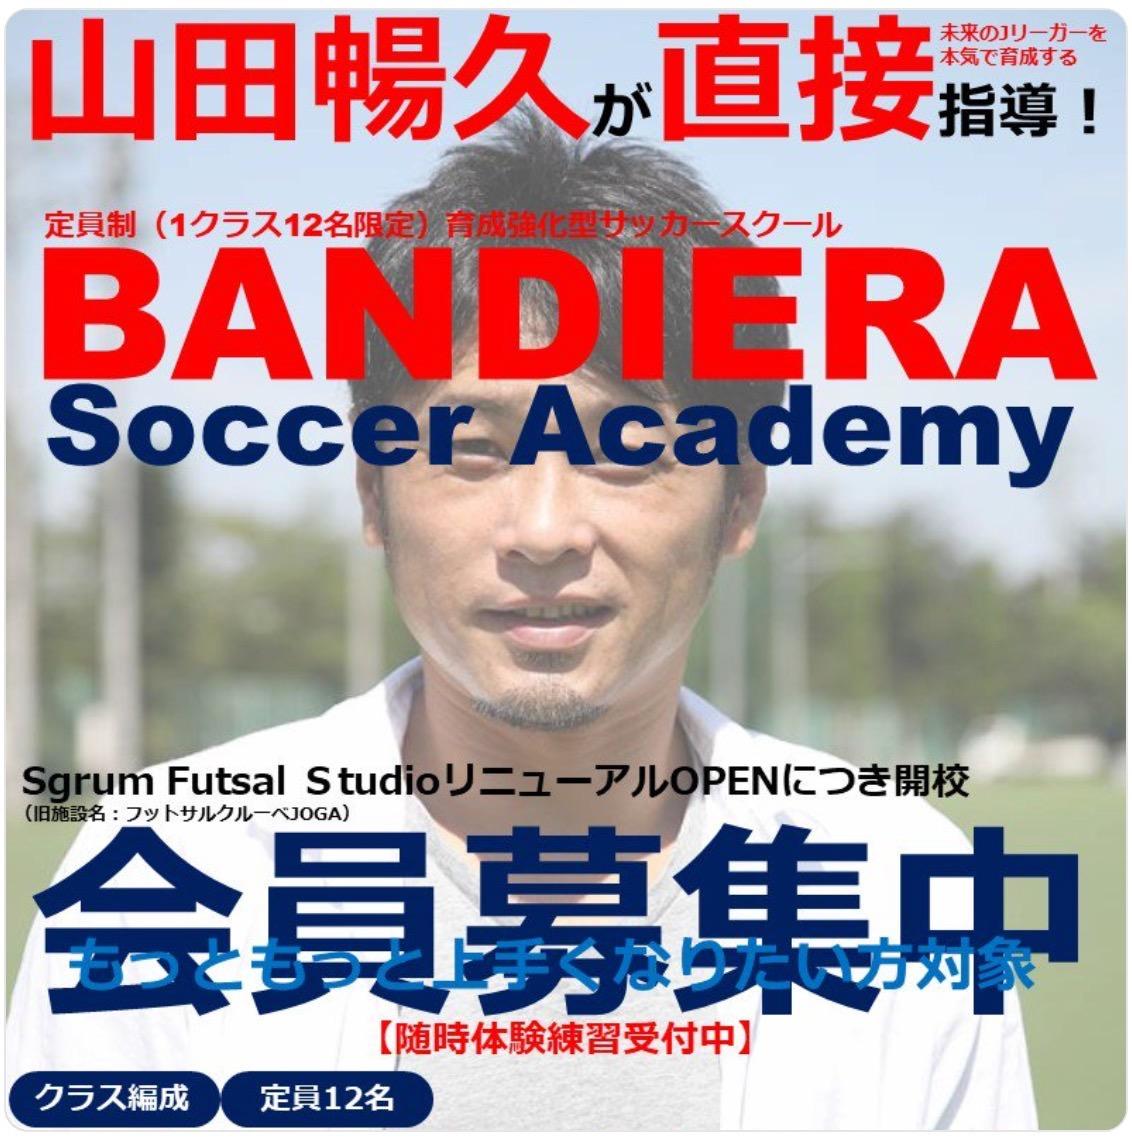 元浦和レッズ・山田暢久、川越でサッカーアカデミーを開校